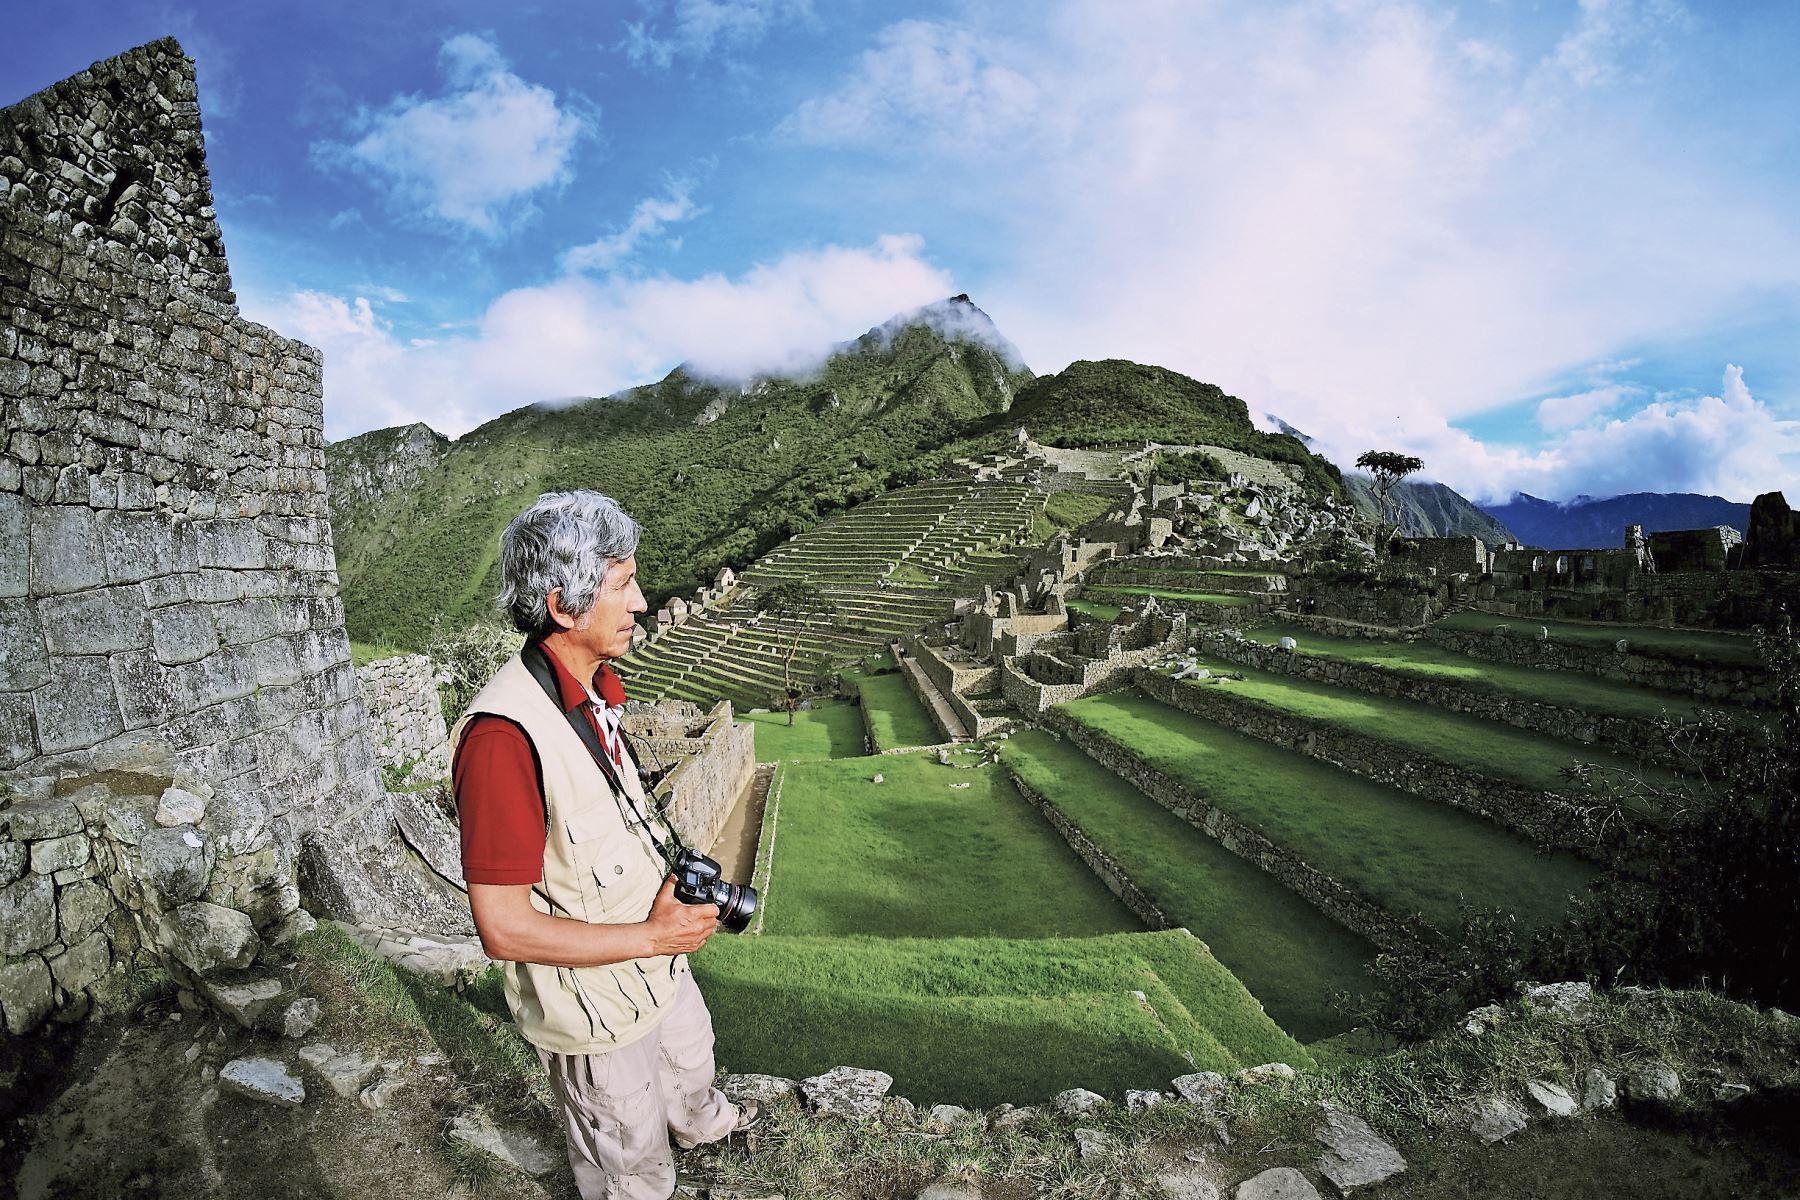 Conoce la inspiradora vida del guardián de Machu Picchu, Fernando Astete, que hoy recibirá la distinción Personalidad Meritoria de la Cultura.